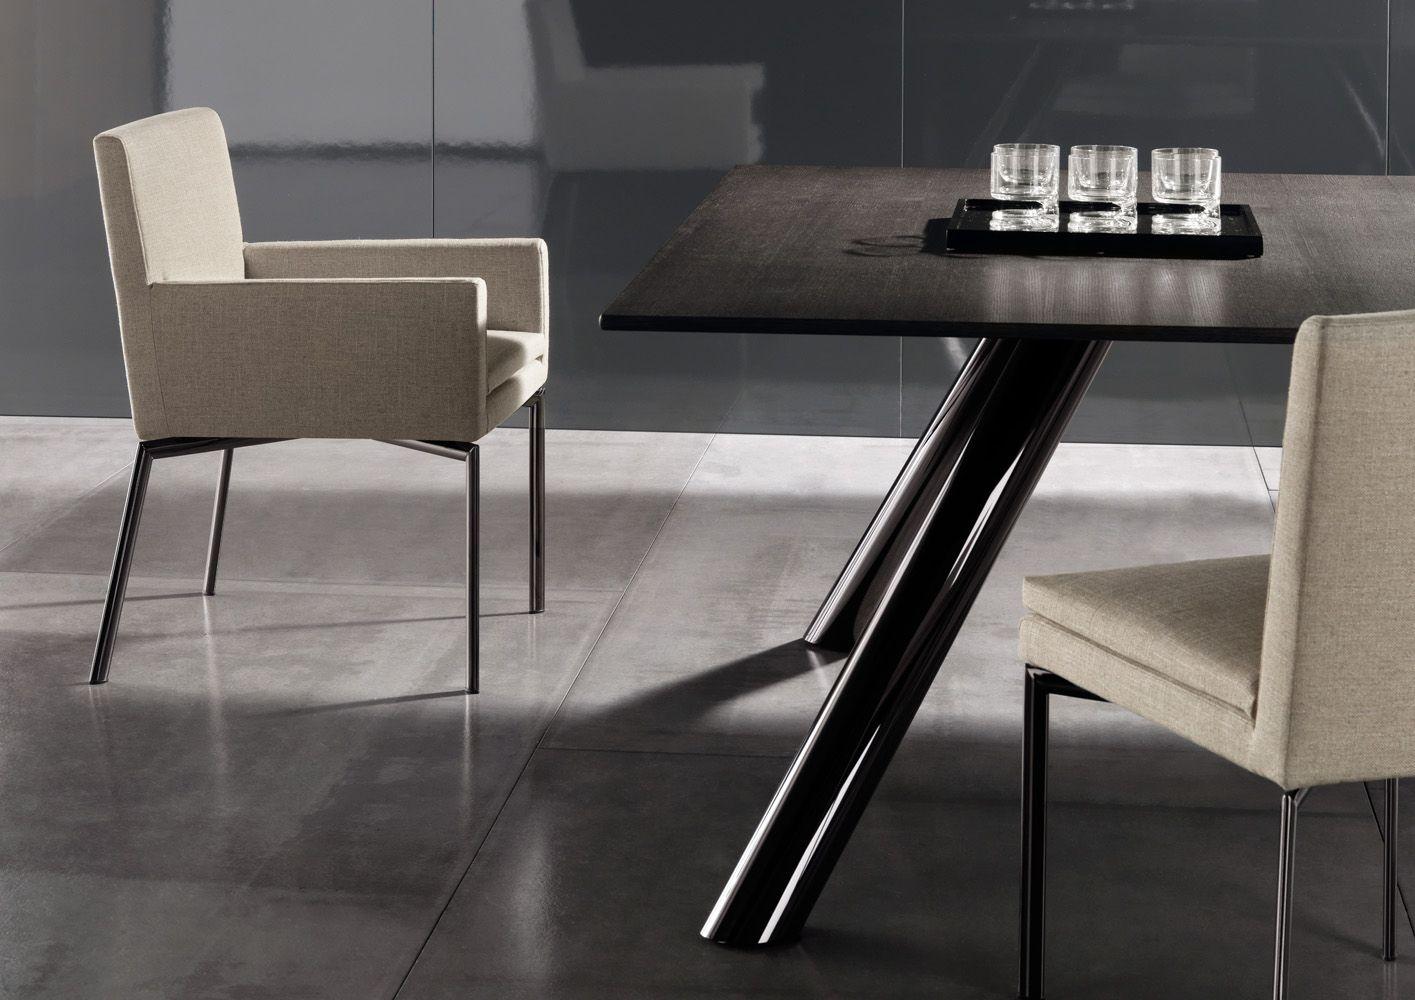 Minotti Manet Chairs